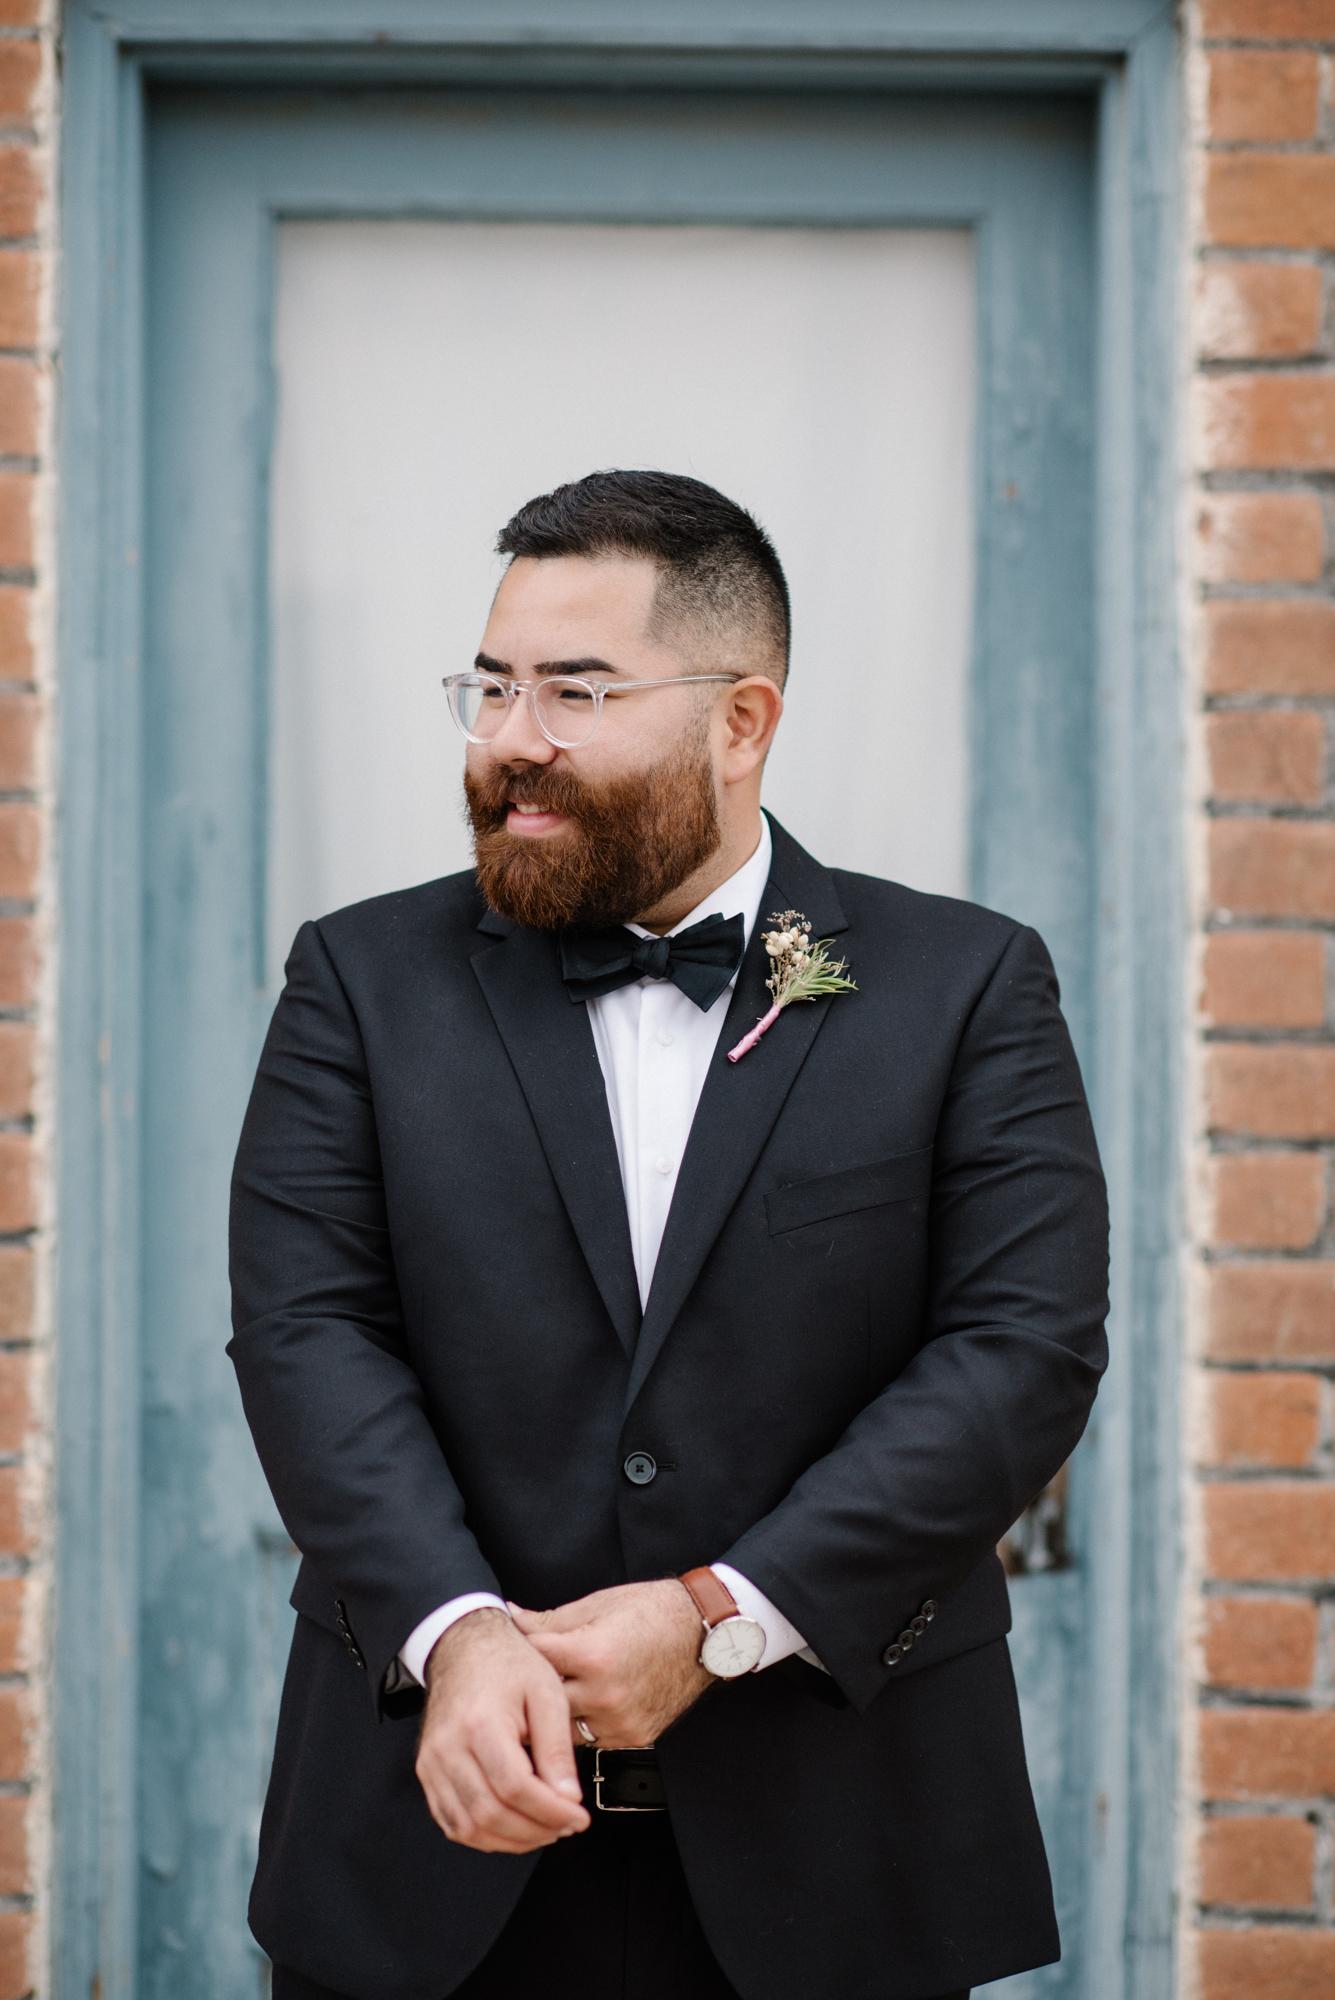 TucsonMuseumofArt_wedding_groom.jpg